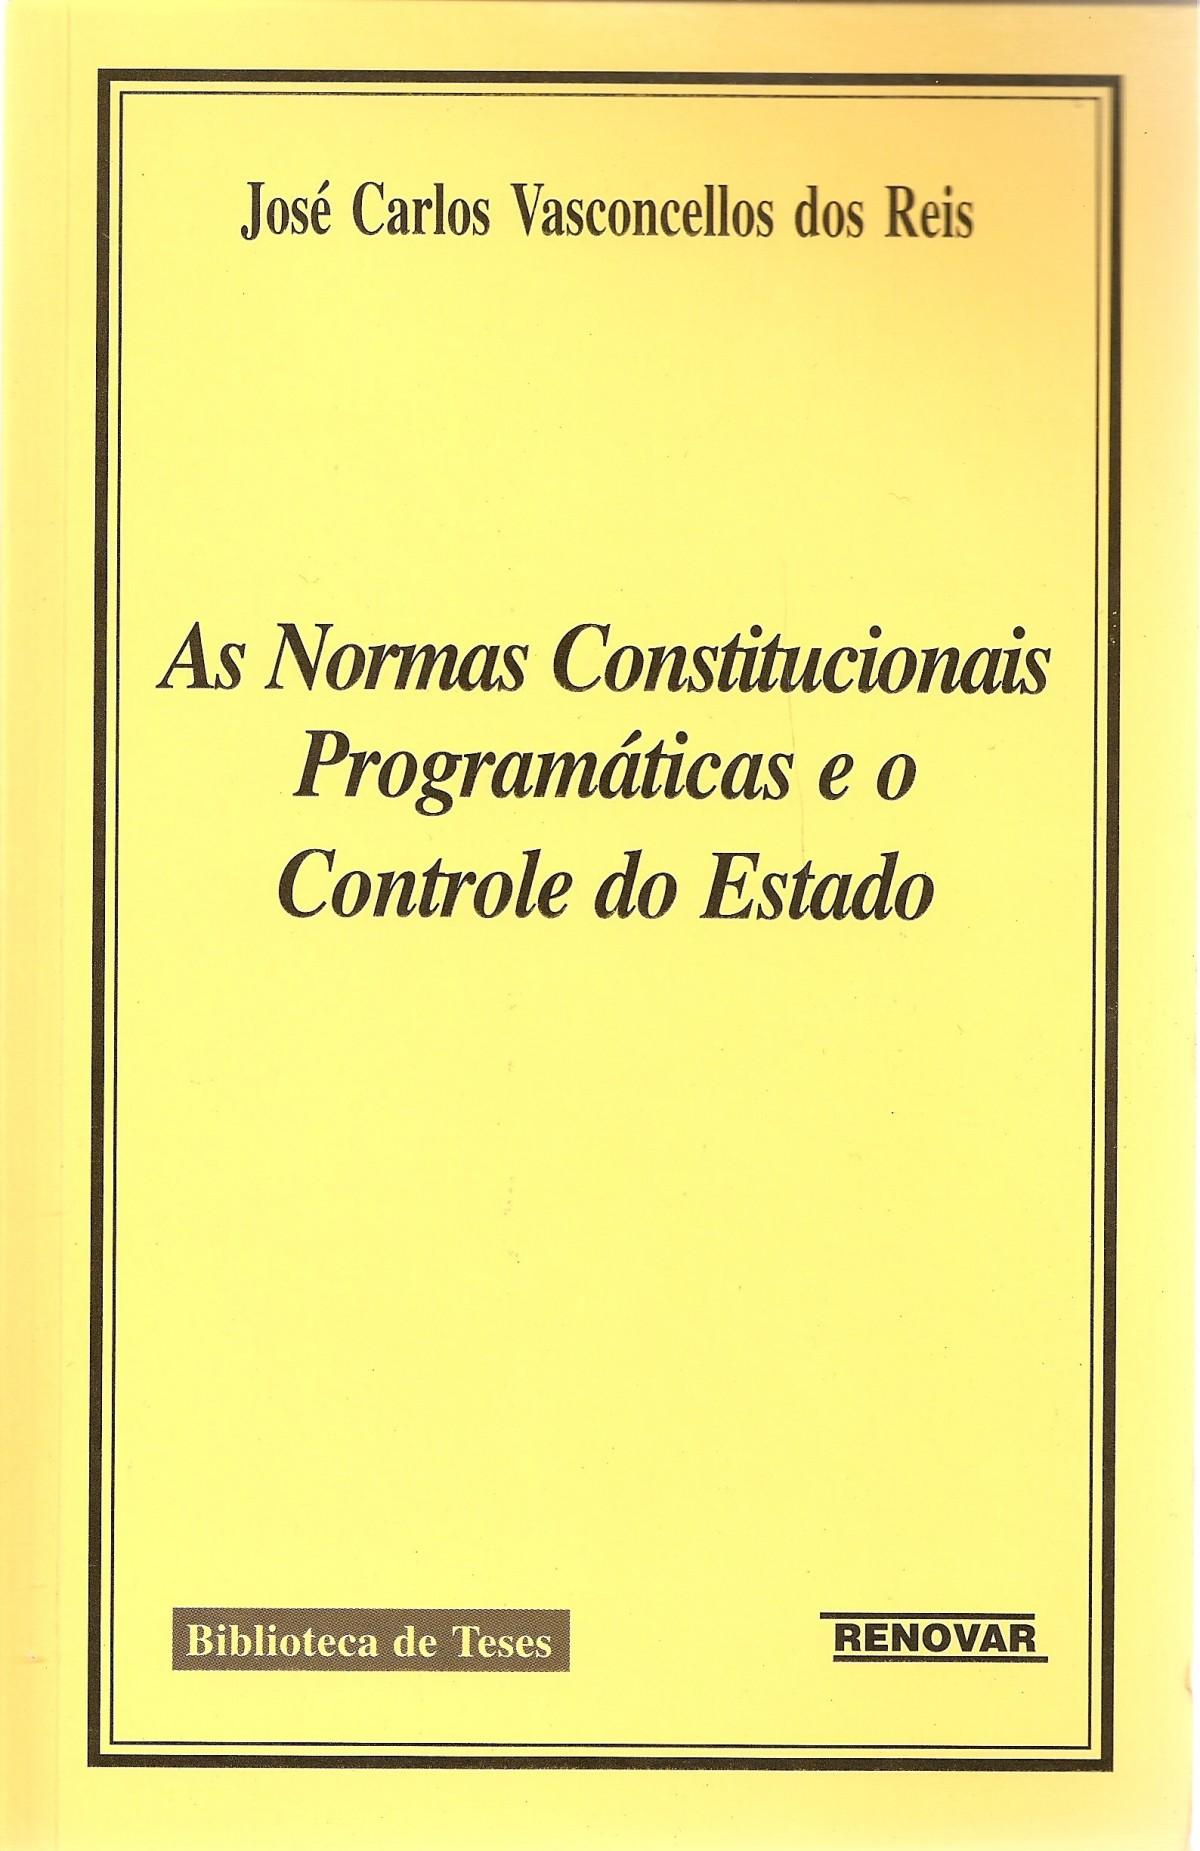 Foto 1 - As Normas Constitucionais Programáticas e o Controle do Estado